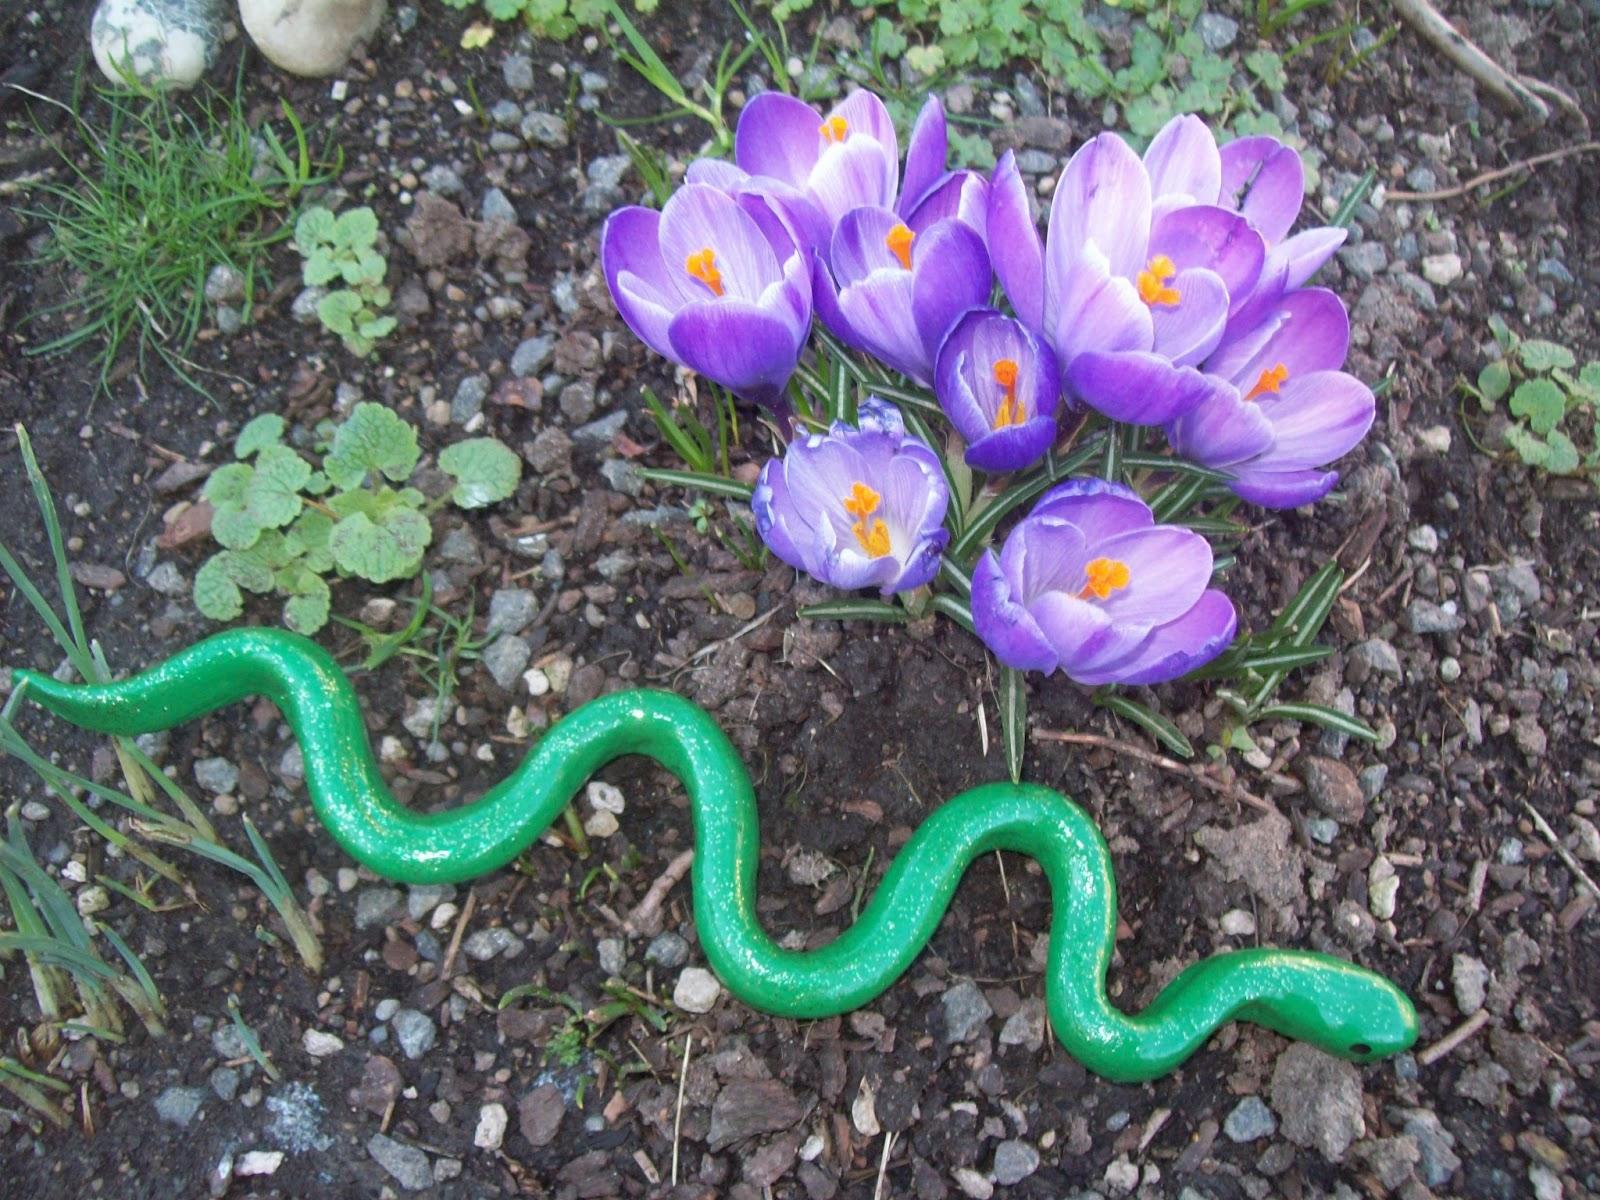 aprils homemaking  weeks  fairy tales  green snake